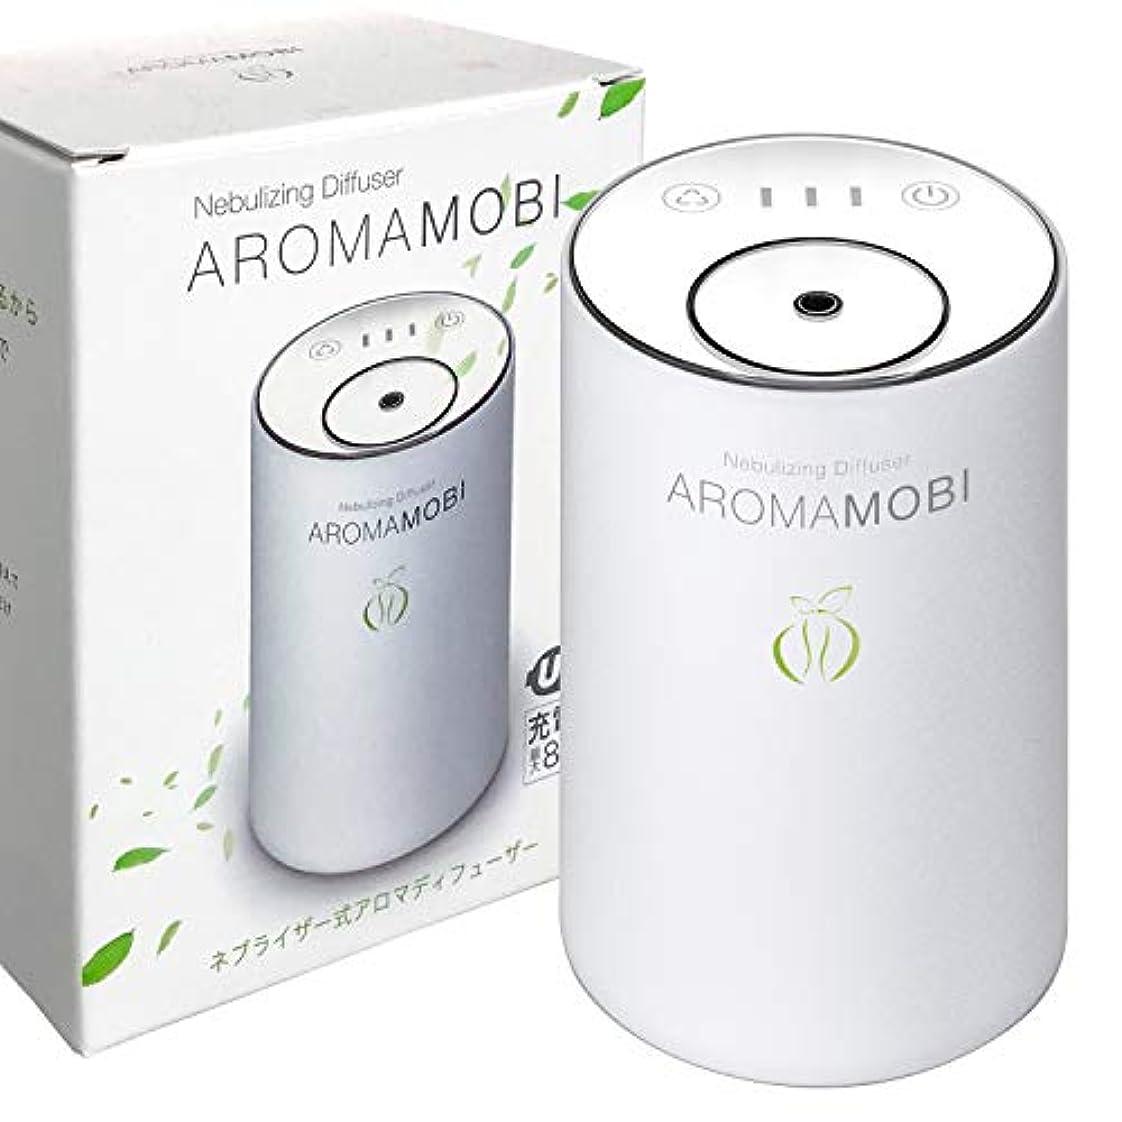 クライアント項目合唱団funks AROMA MOBI 充電式 アロマディフューザー ネブライザー式 ホワイト